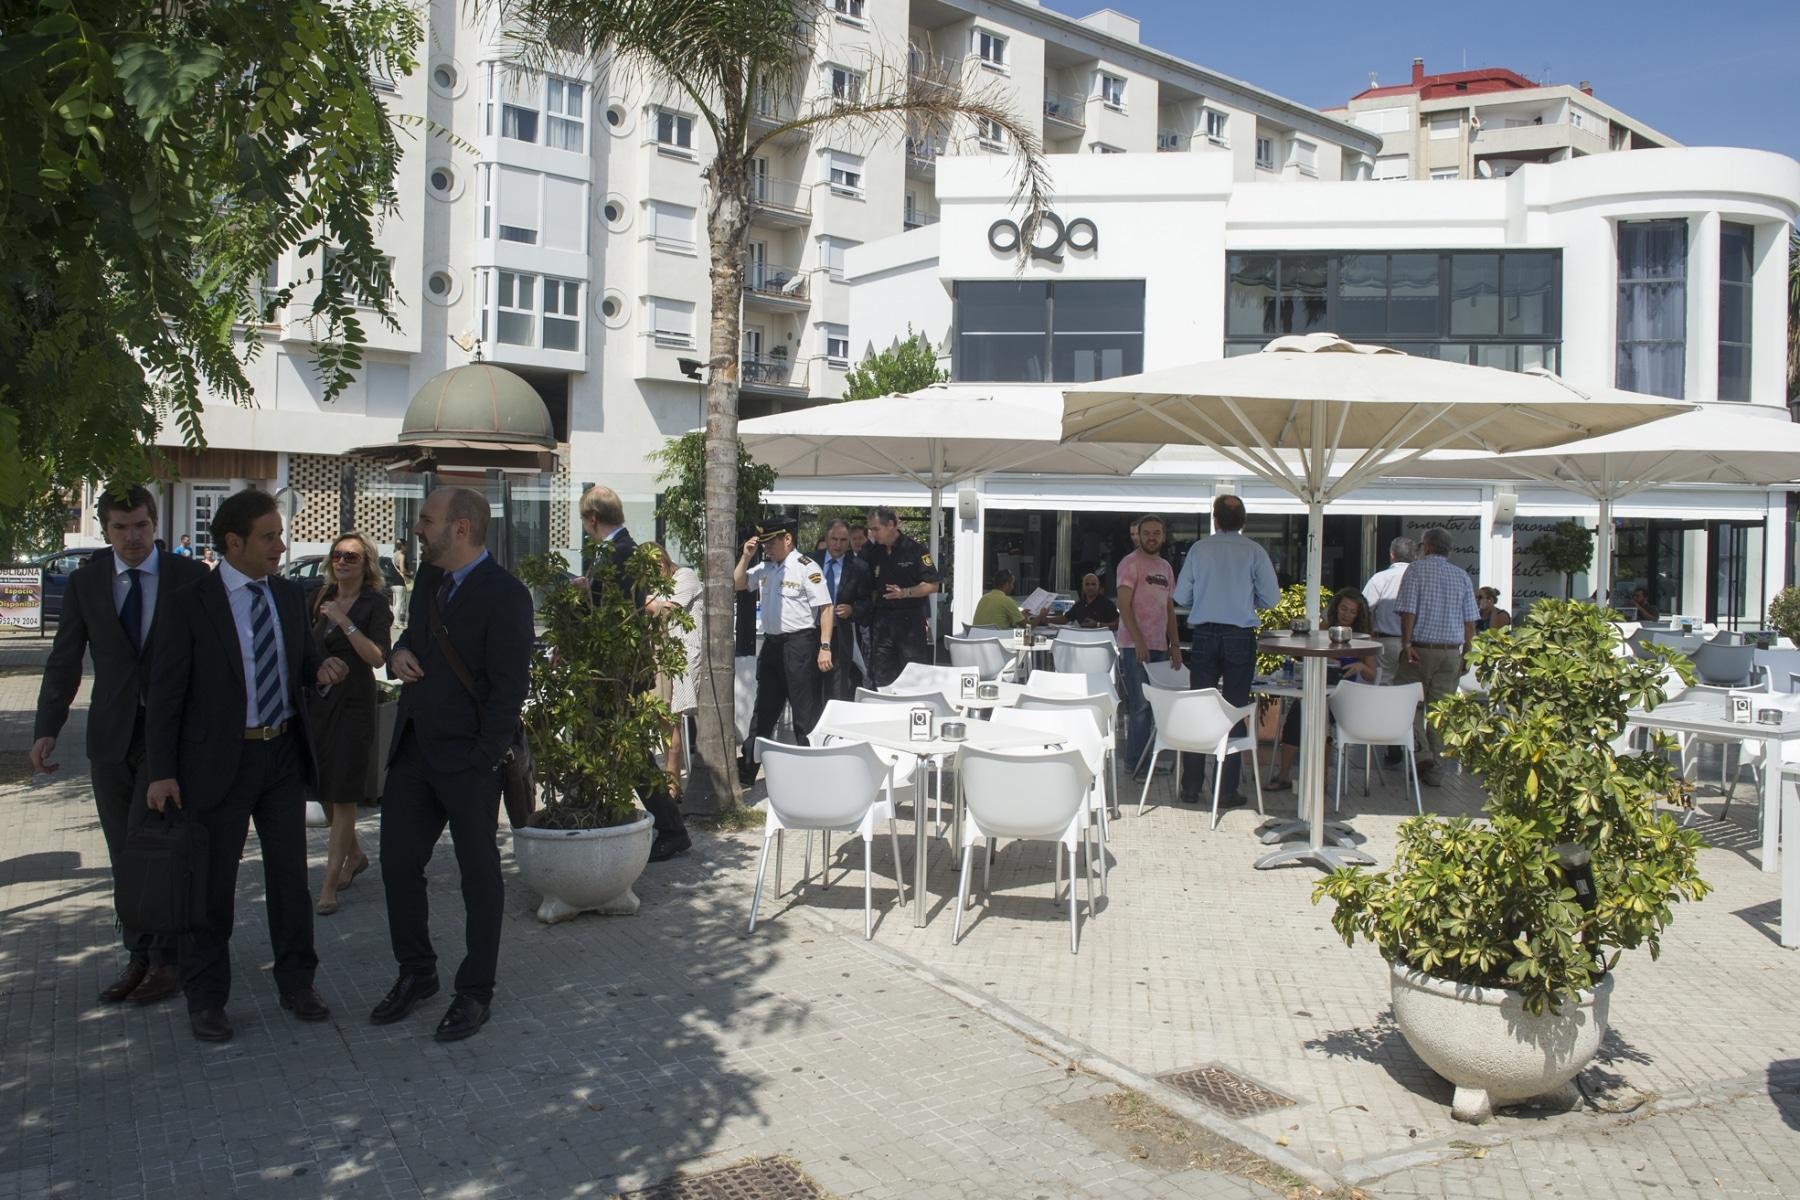 La Línea de la Concepción, 25 septiembre 2013. La Comisión Europea y miembros de las Fuerzas y Cuerpos de Seguridad españoles saliendo del Restaurante Aqua para dirigirse a la frontera de Gibraltar. MARCOS MORENO